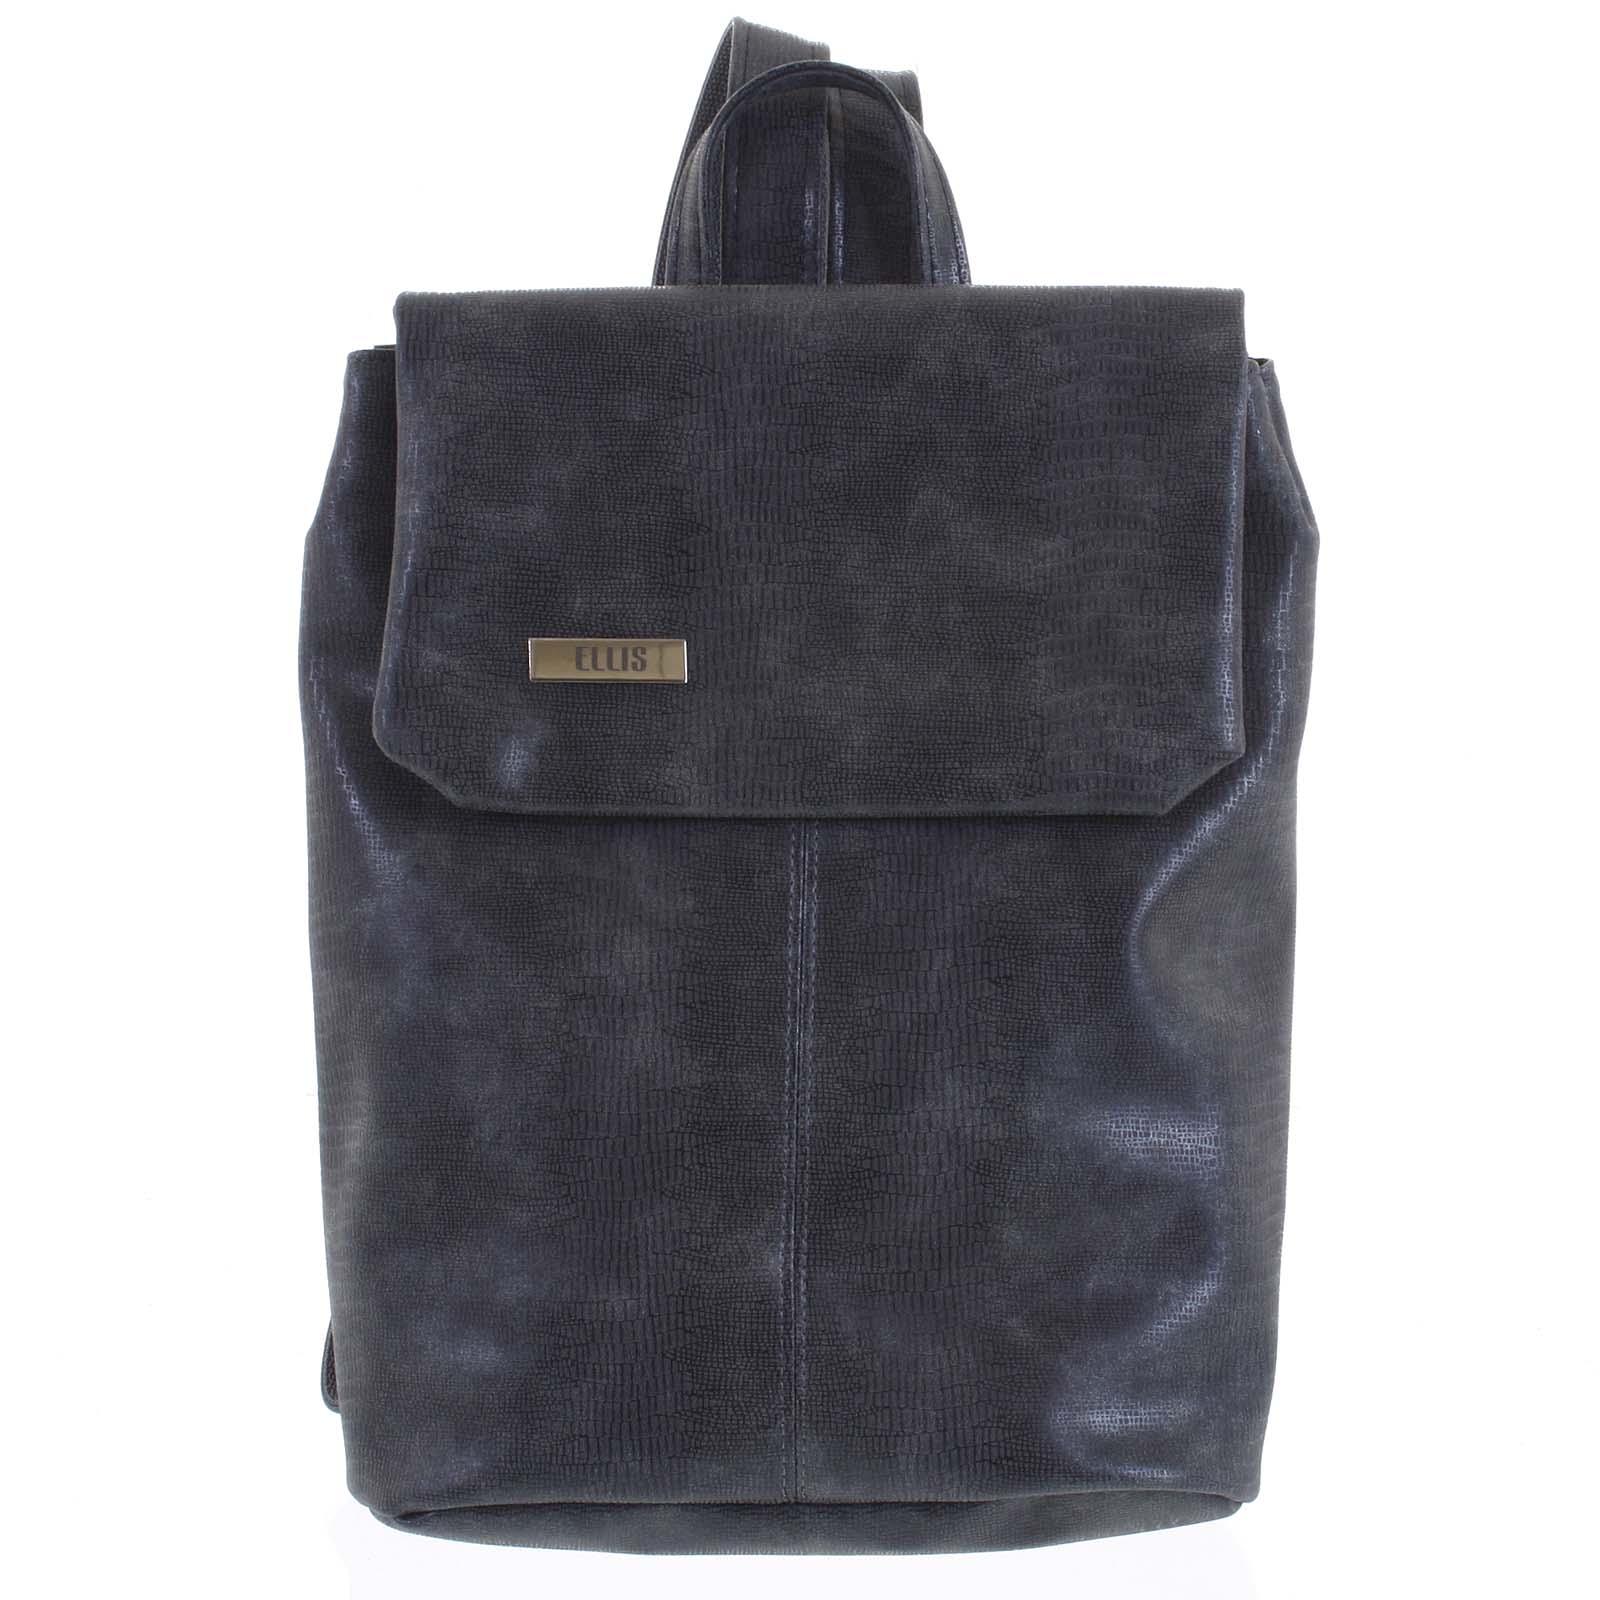 Větší měkký dámský moderní tmavě šedý batoh - Ellis Elizabeth